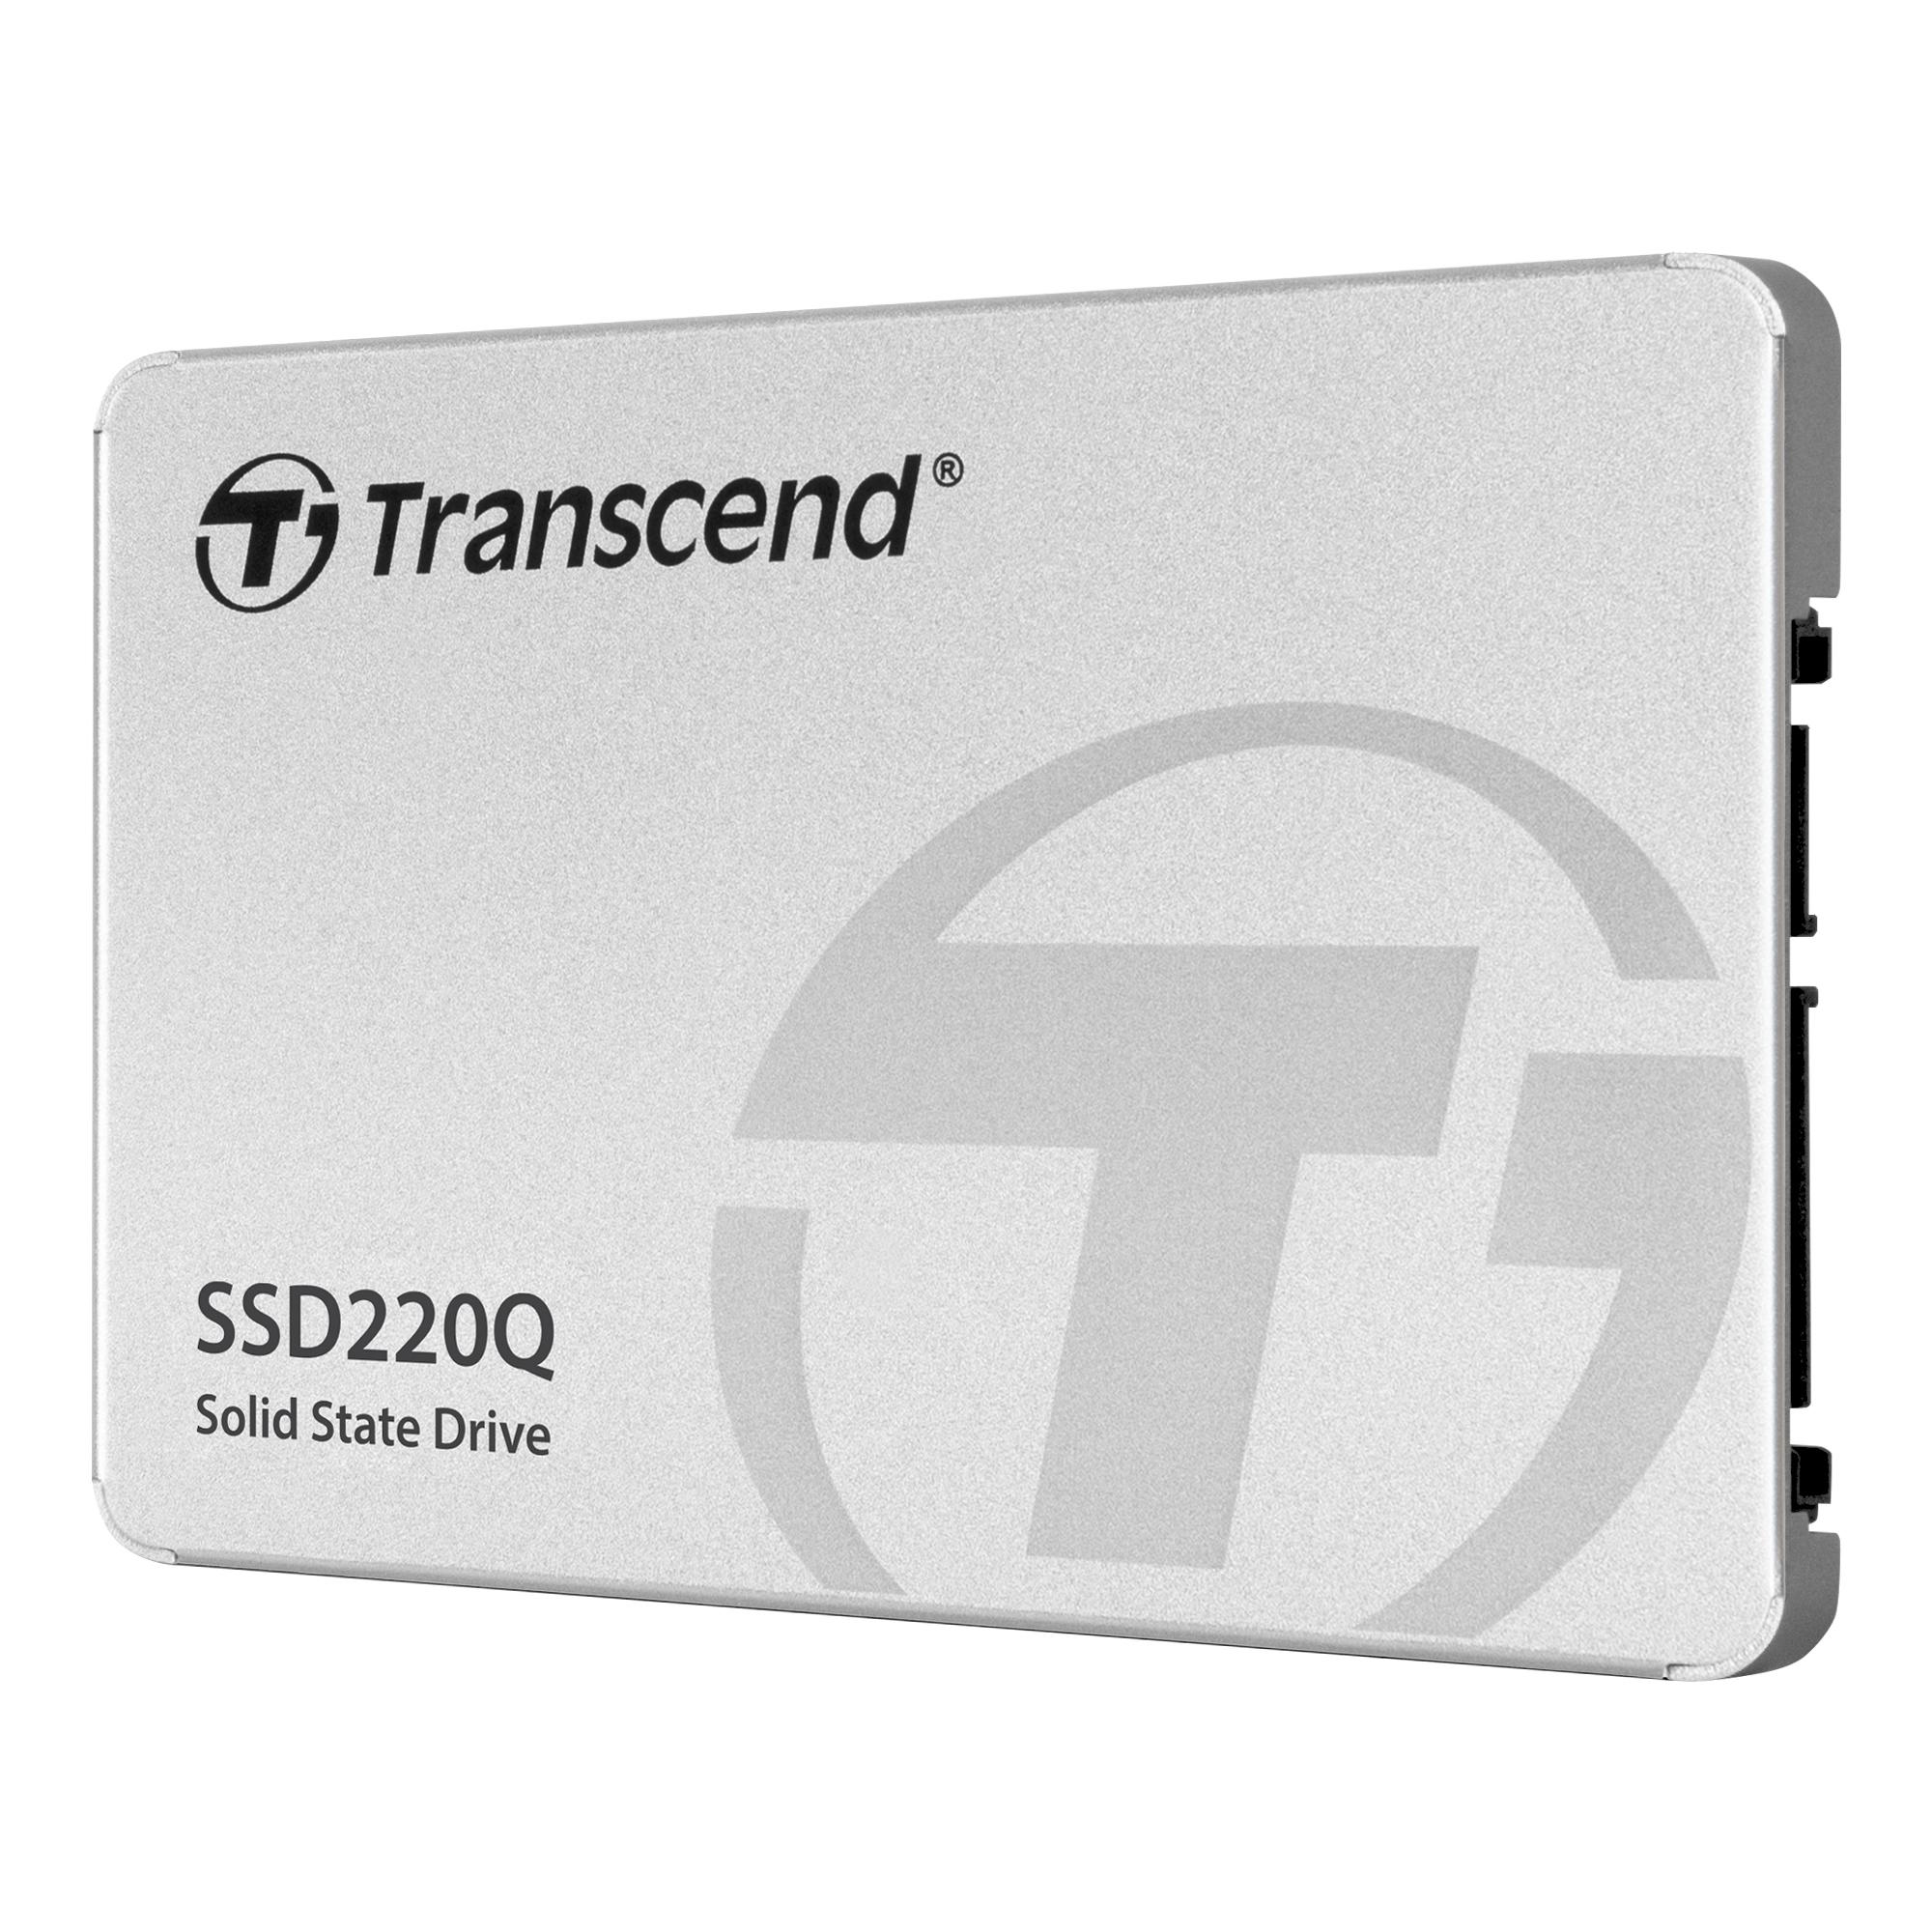 Твердотельный накопитель SSD220Q от Transcend